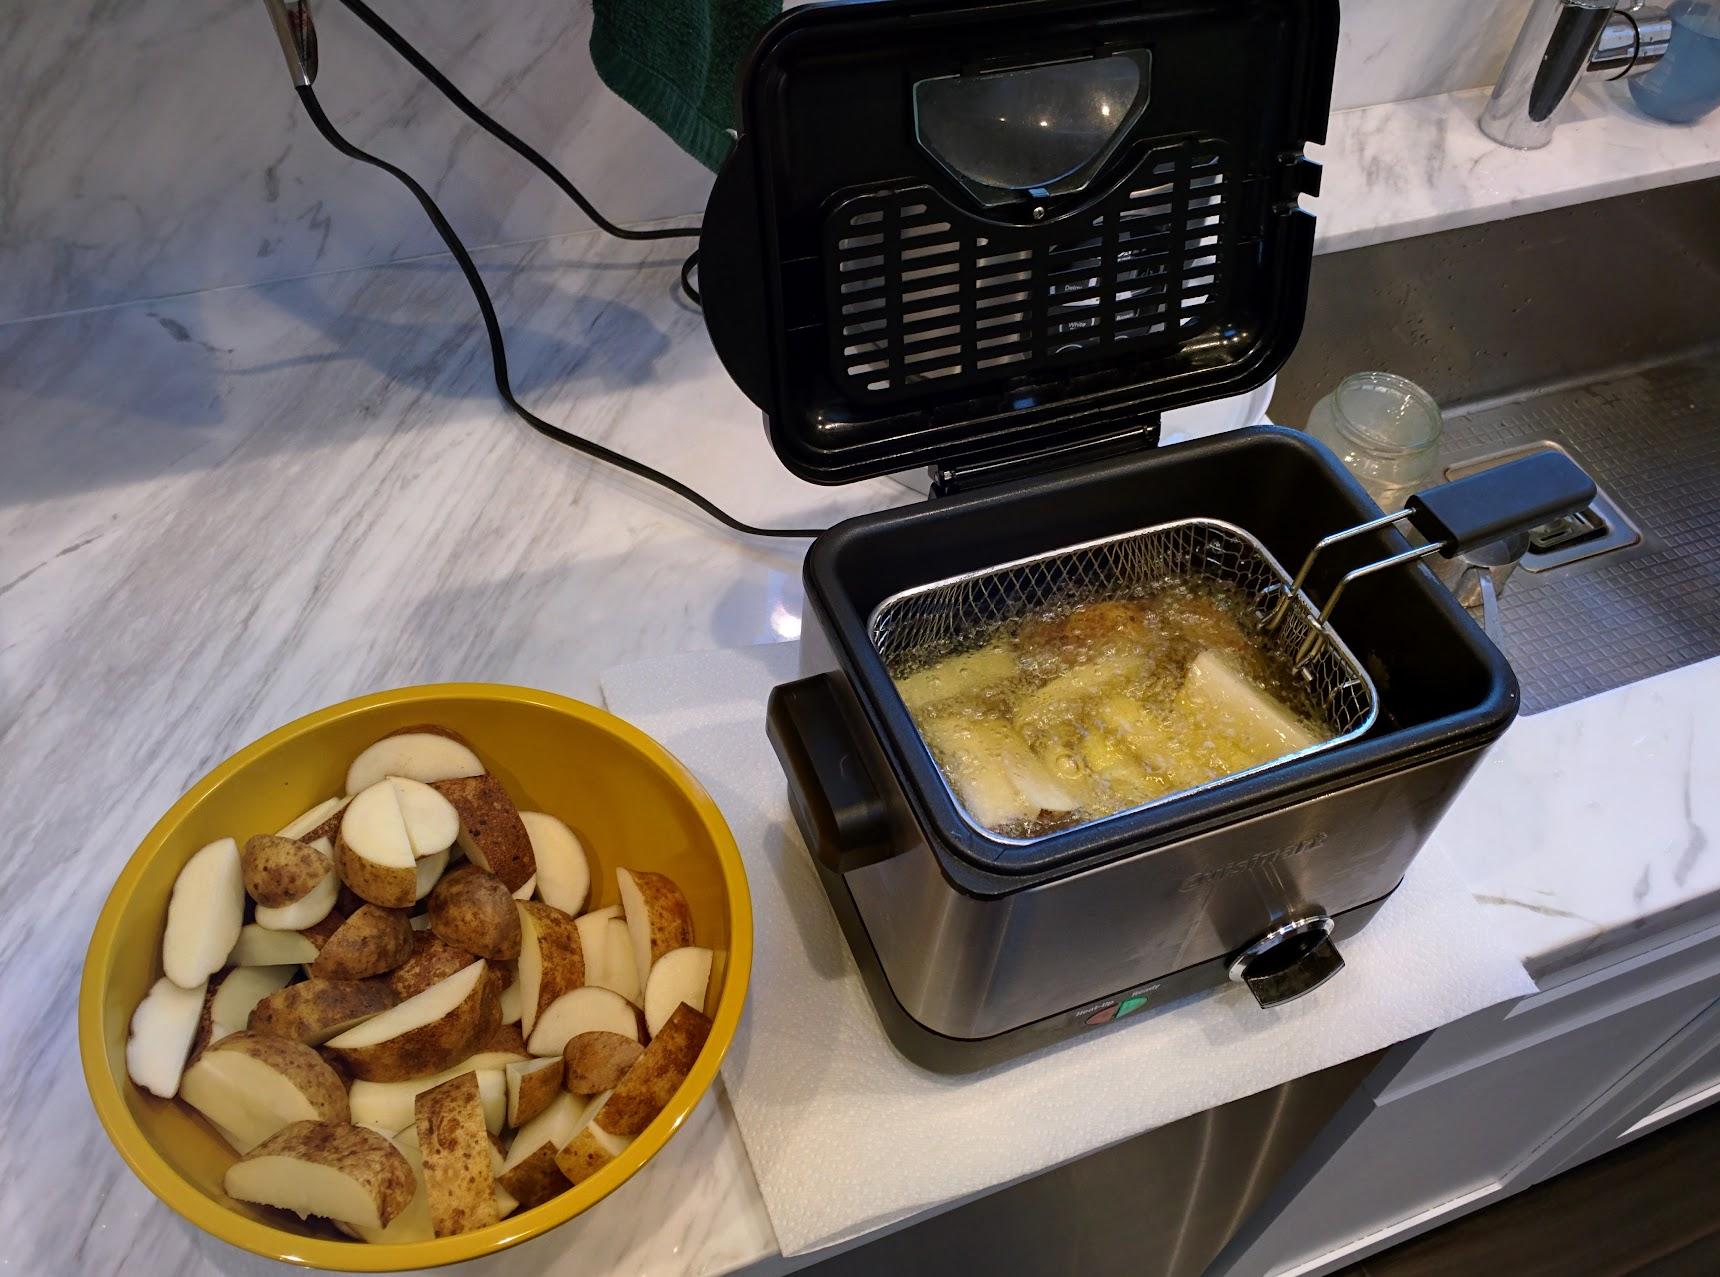 Potatoes in fryer